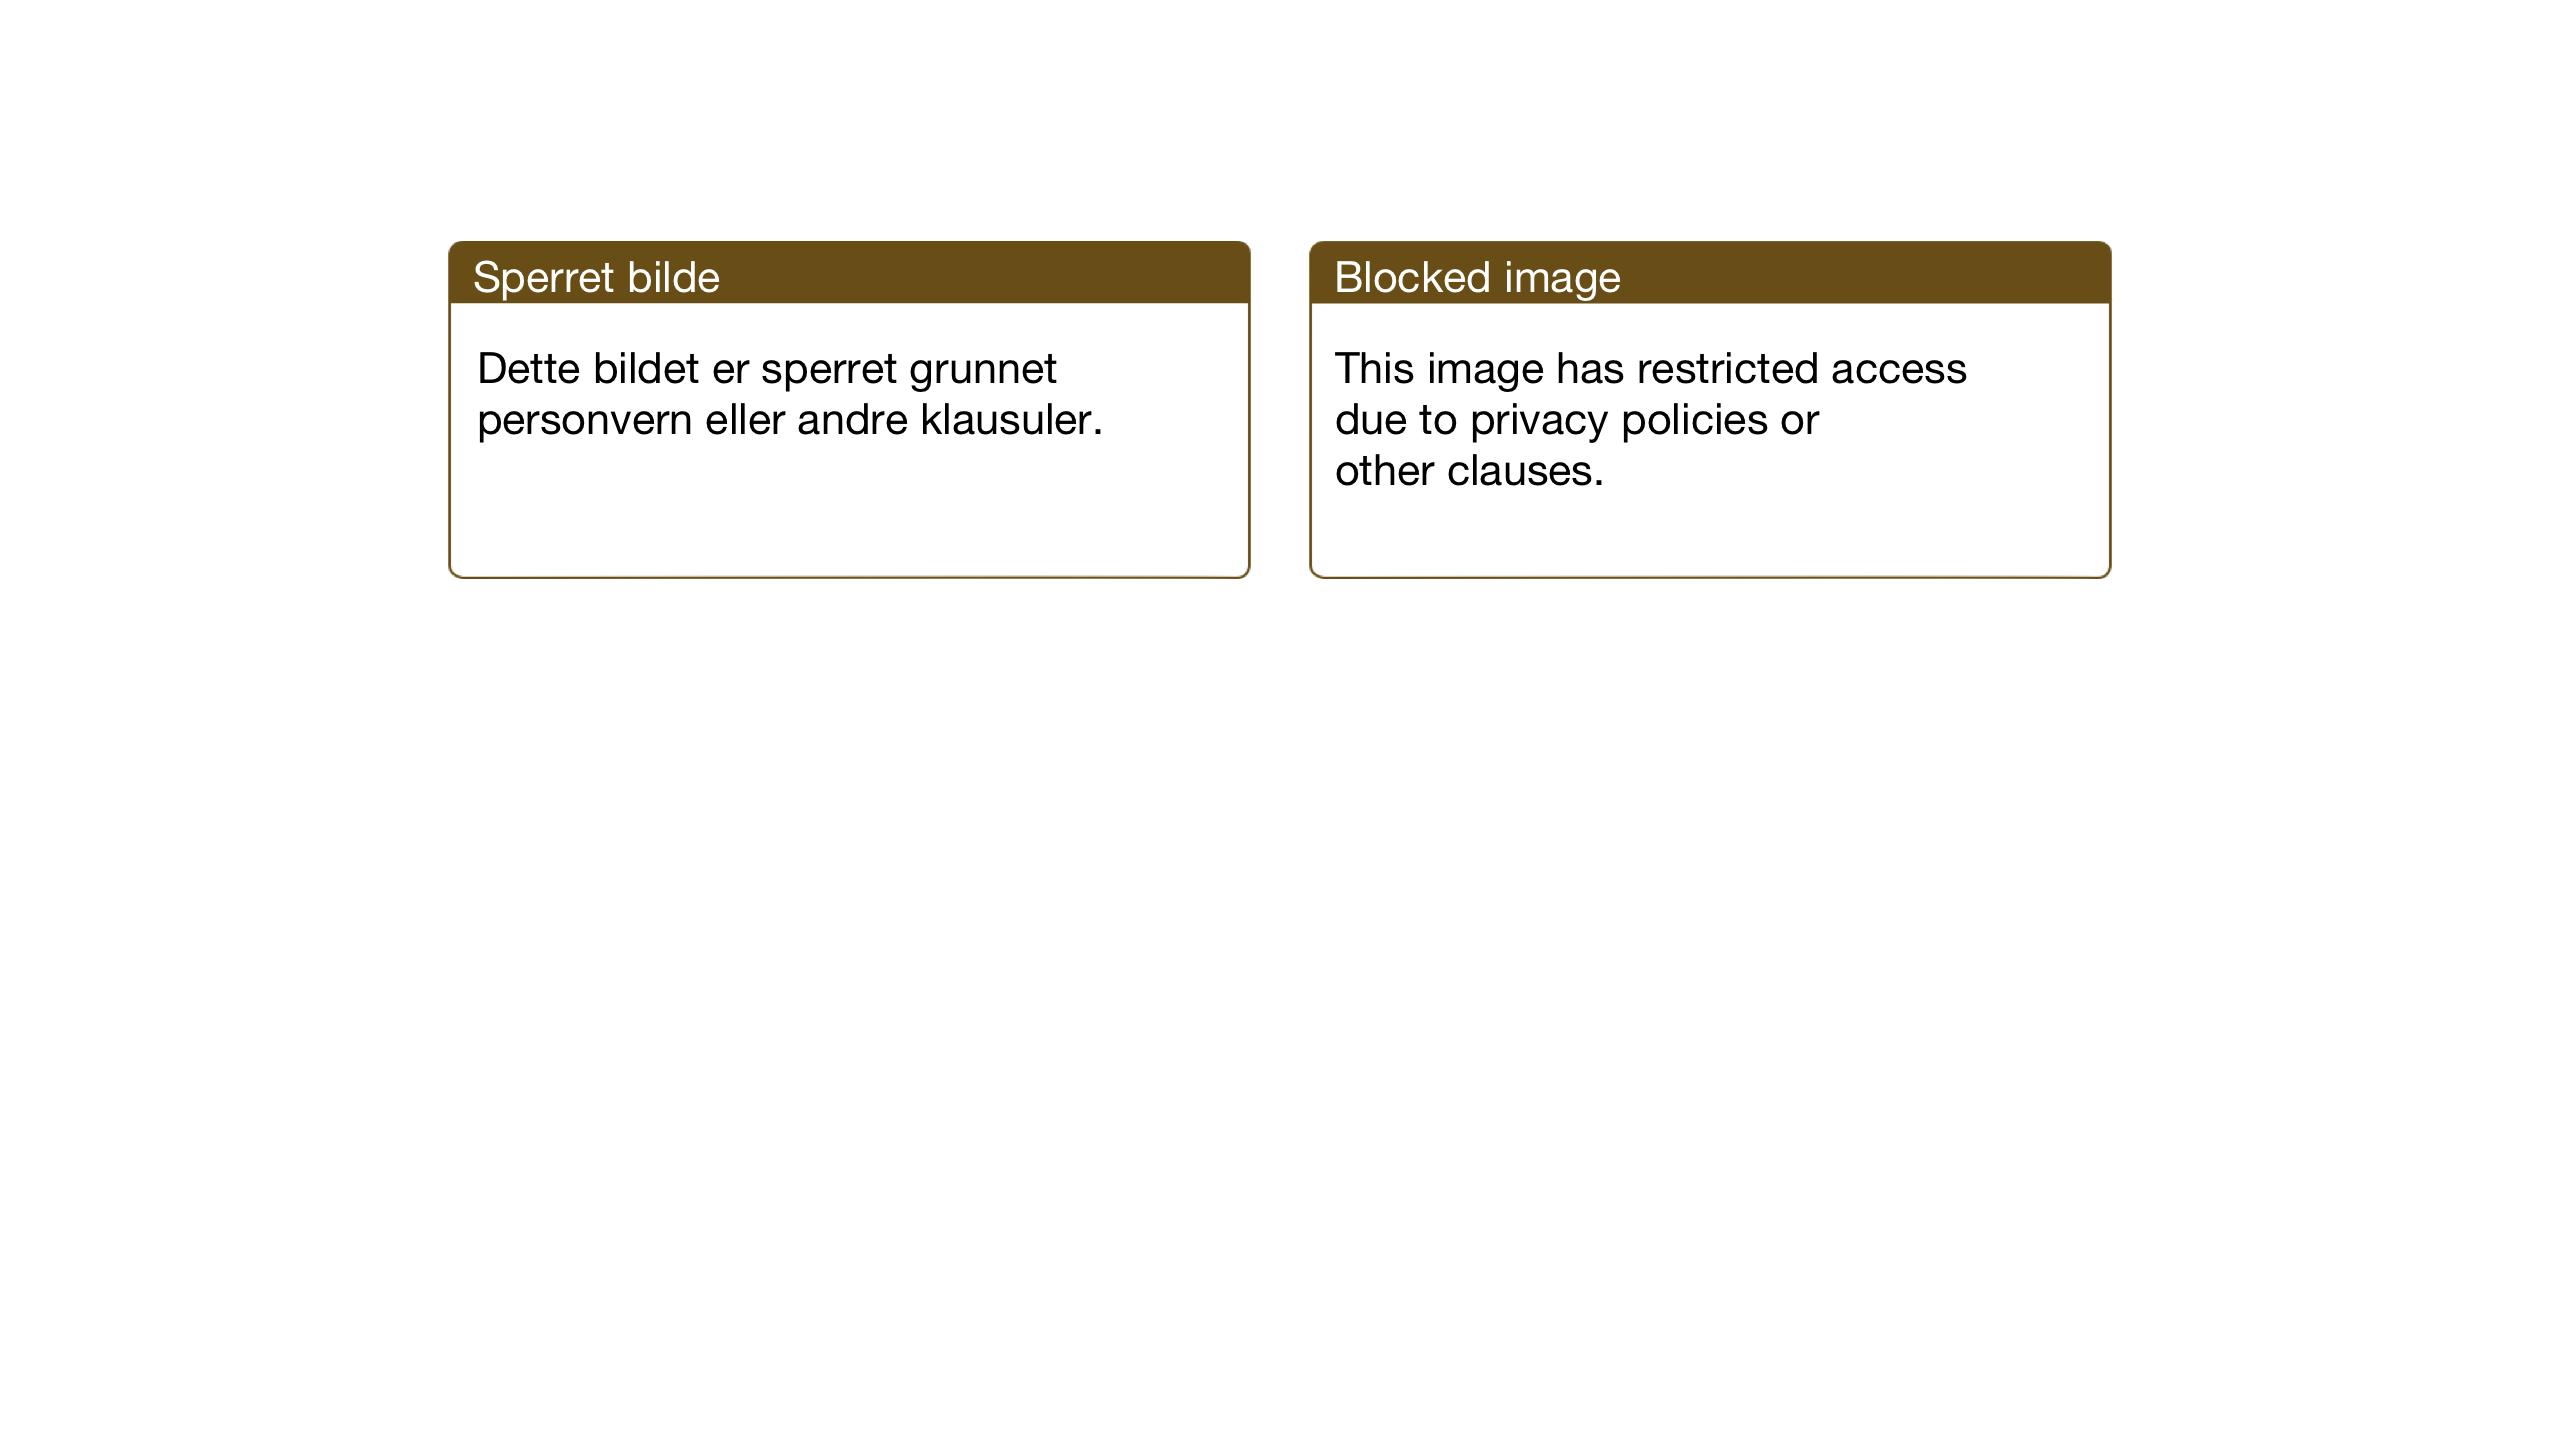 SAT, Ministerialprotokoller, klokkerbøker og fødselsregistre - Sør-Trøndelag, 665/L0778: Klokkerbok nr. 665C03, 1916-1938, s. 41